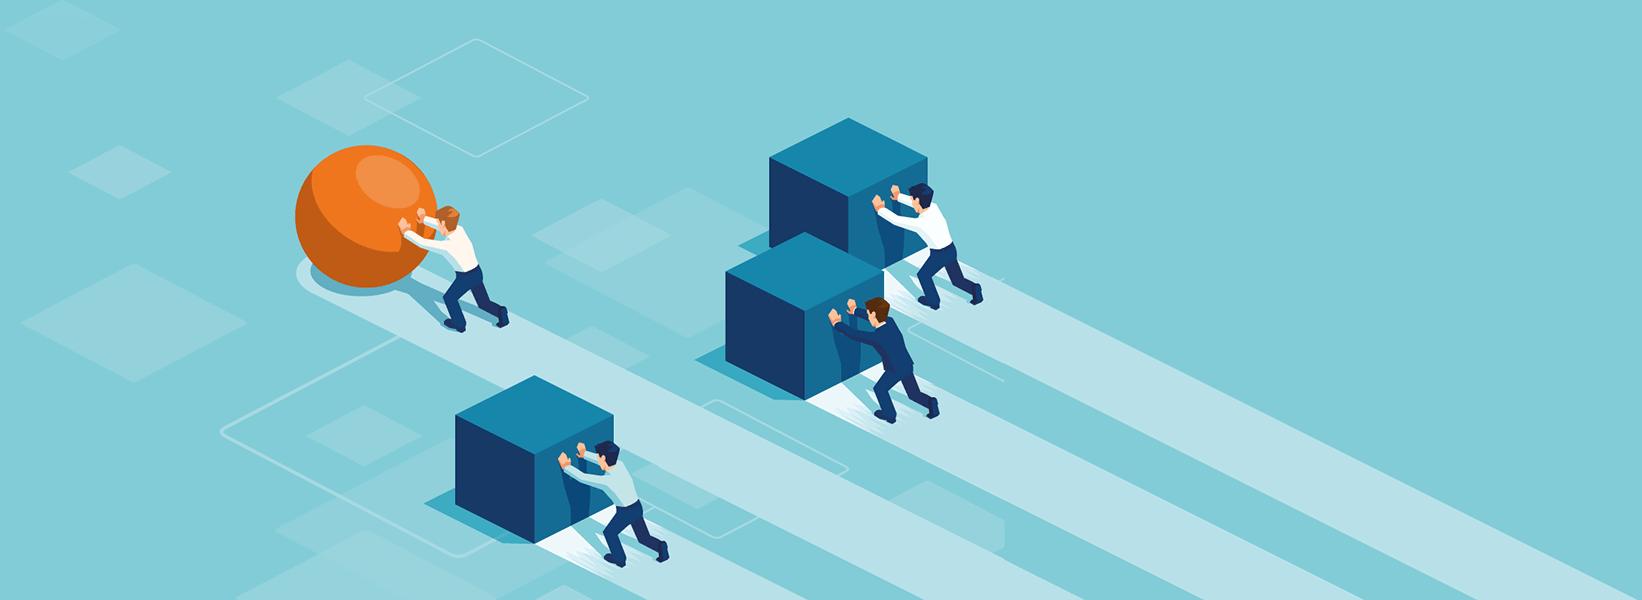 Illustratie die symbool staat voor slimmer werken. Drie medewerkers duwen een blok voort, en een andere medewerker duwt een bol voort. Die laatste medewerker is sneller.